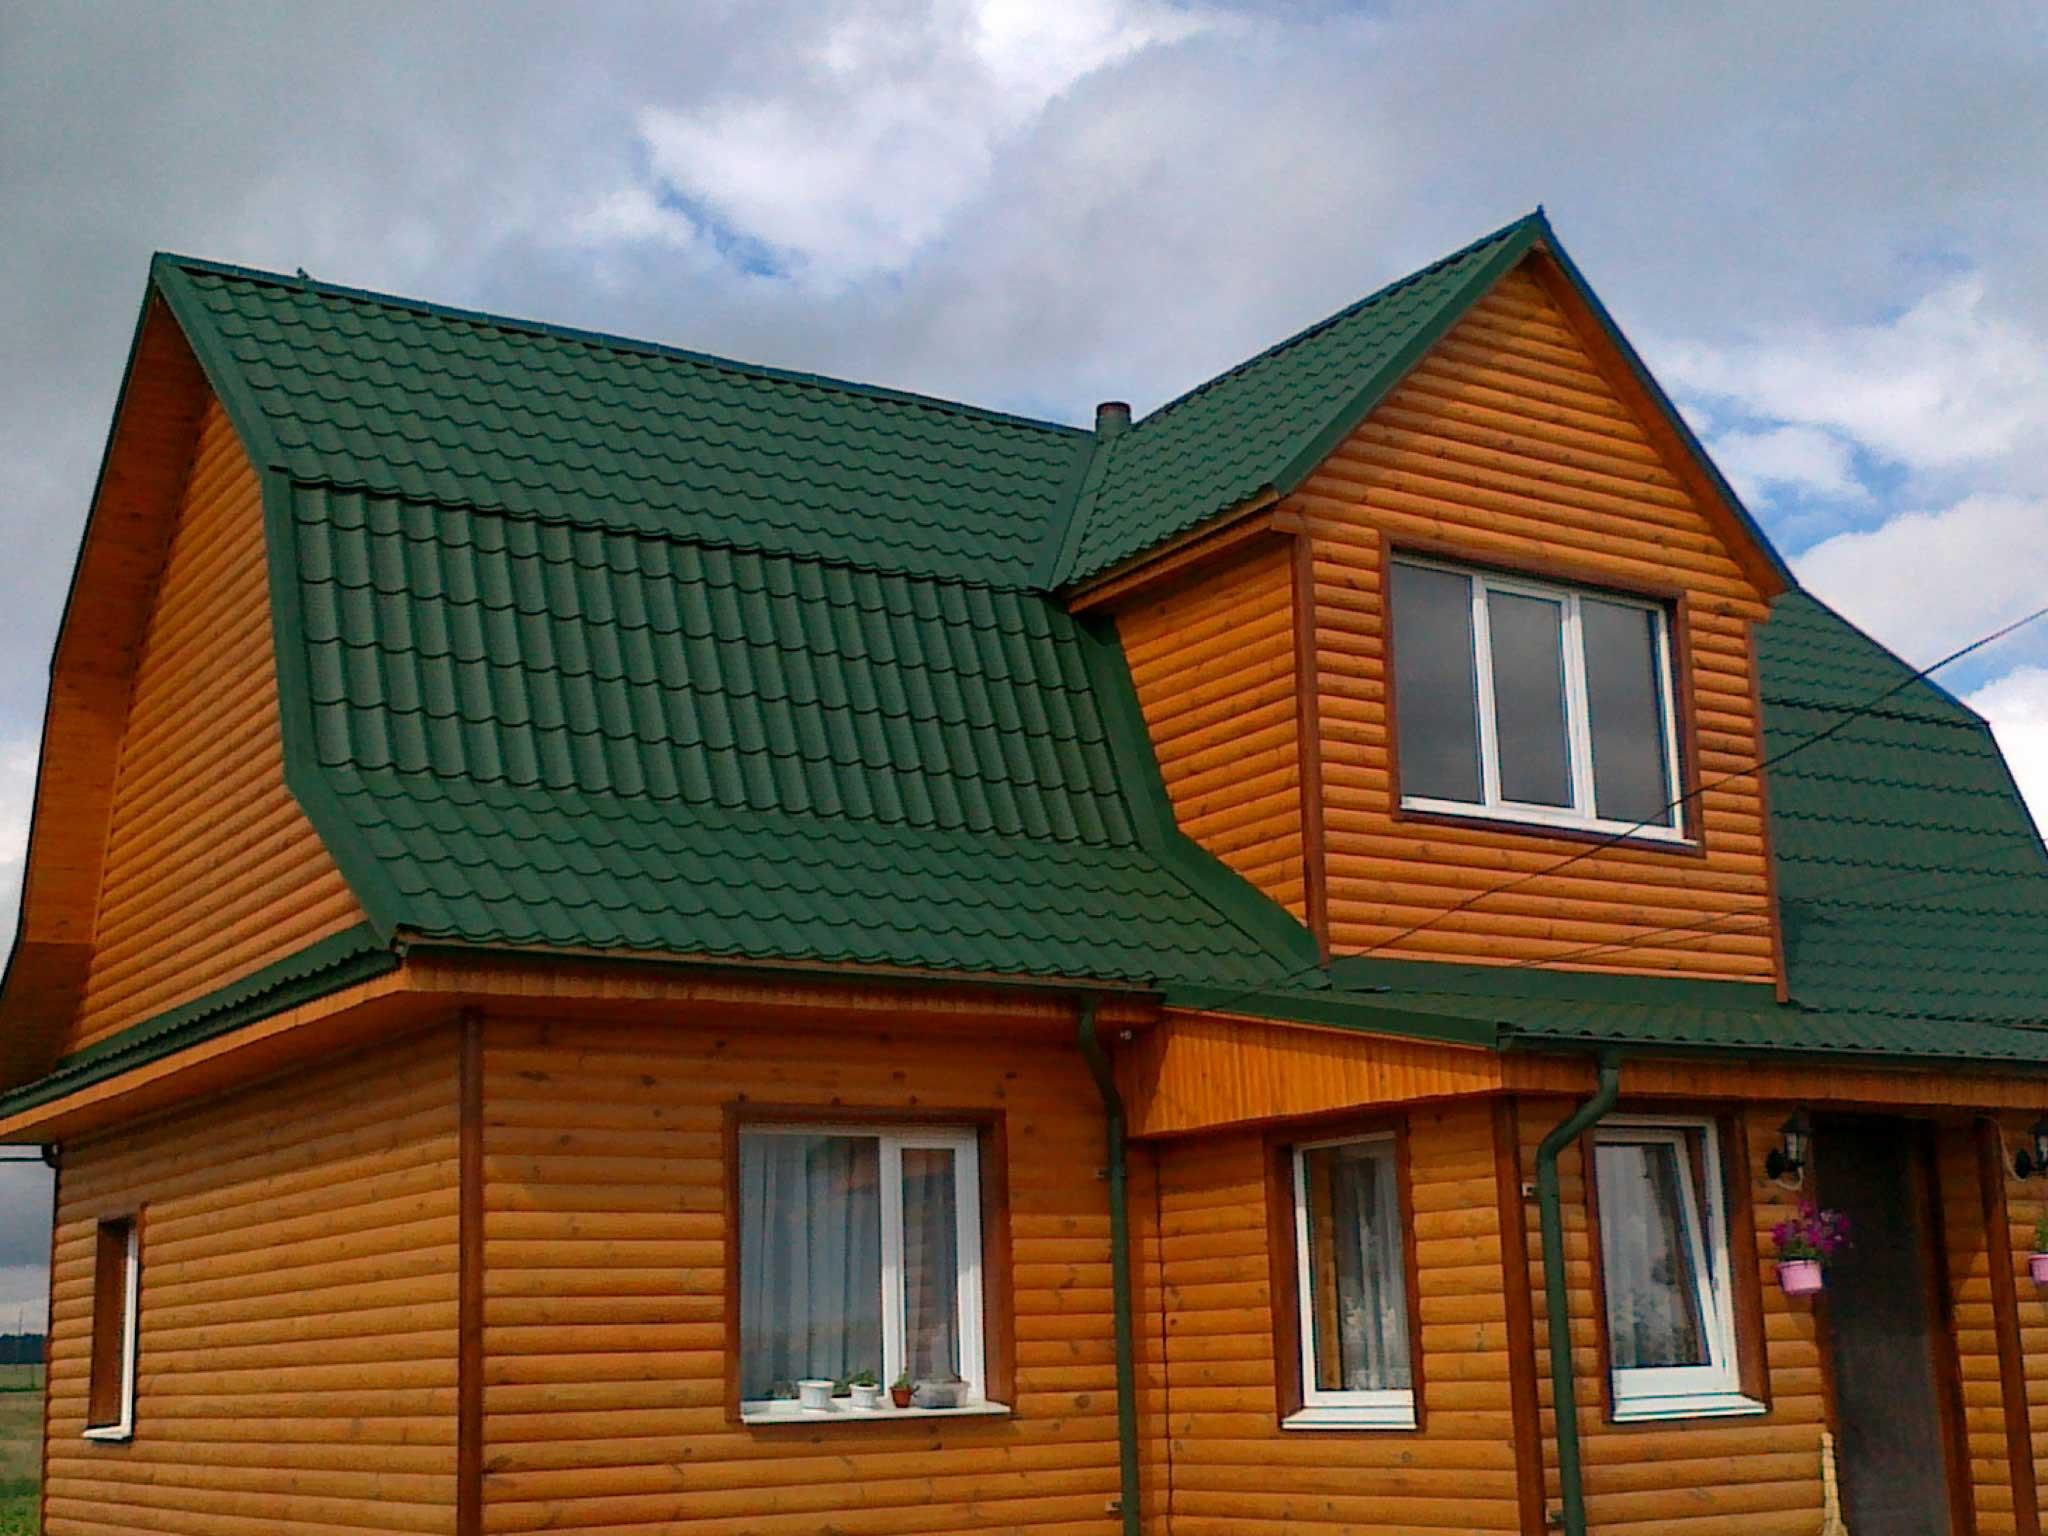 еще металлочерепица зеленый мох фото домов цены штык-ножей